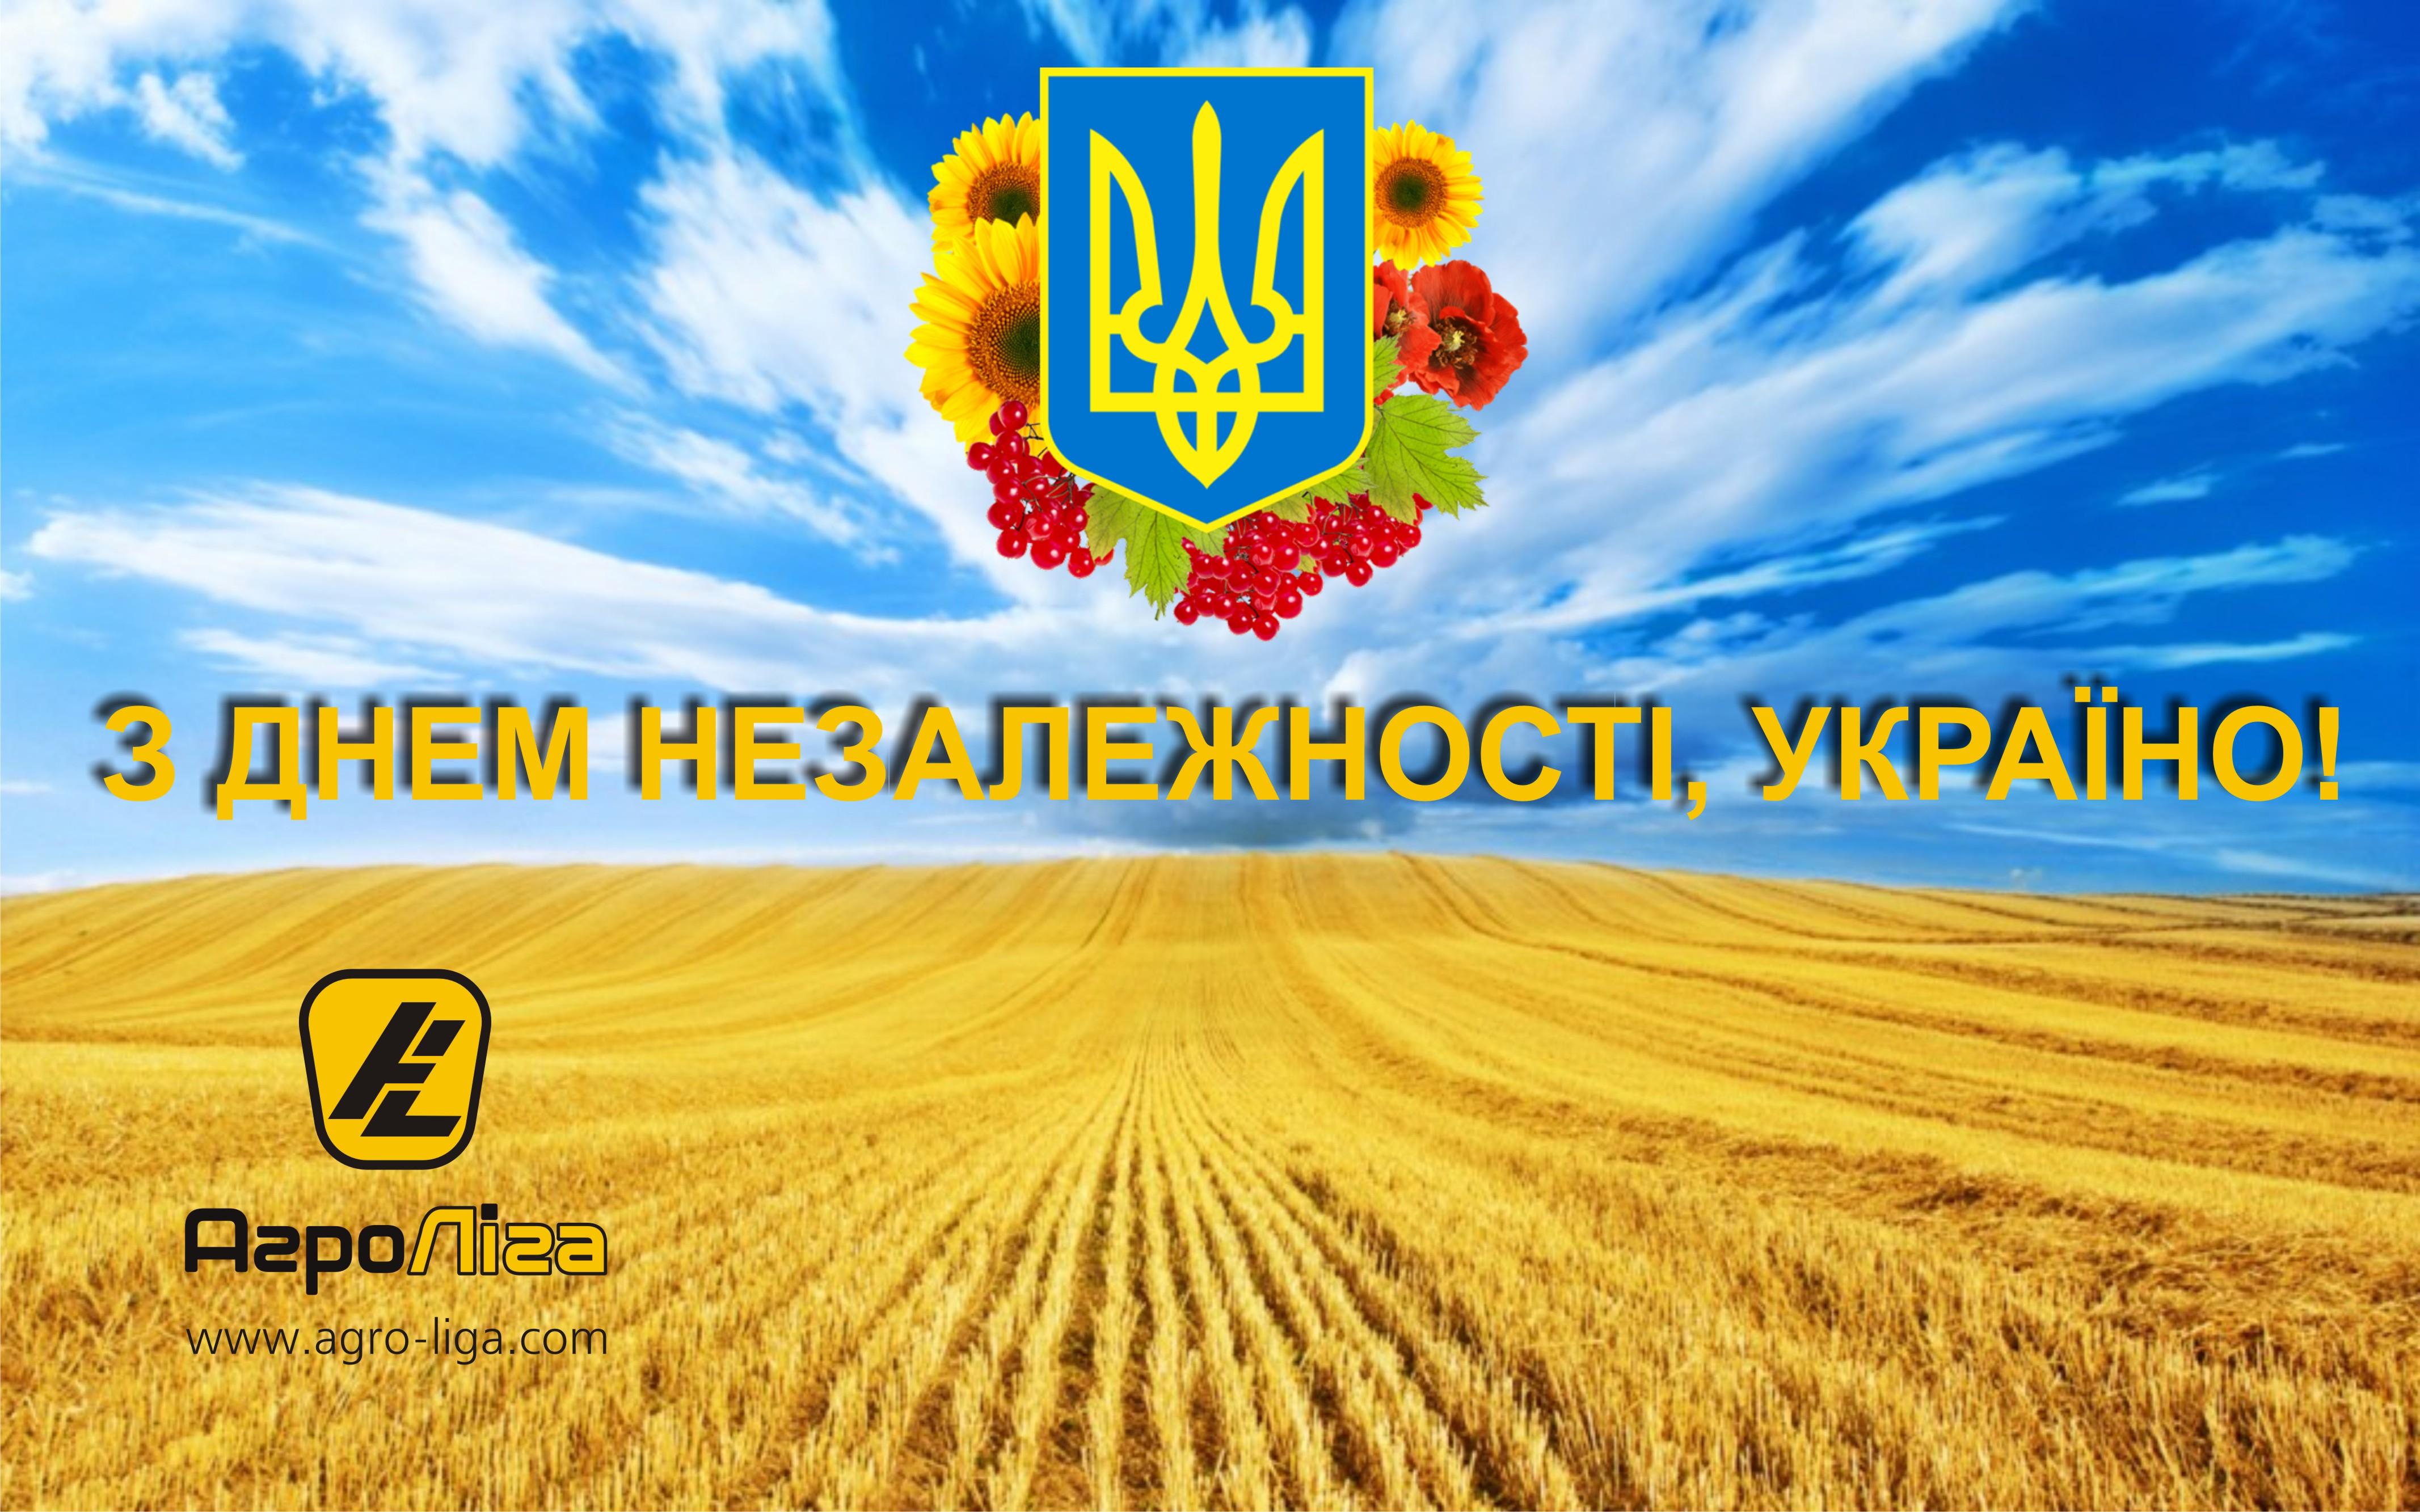 мерцающие картинки день независимости украины вещей коллекции было